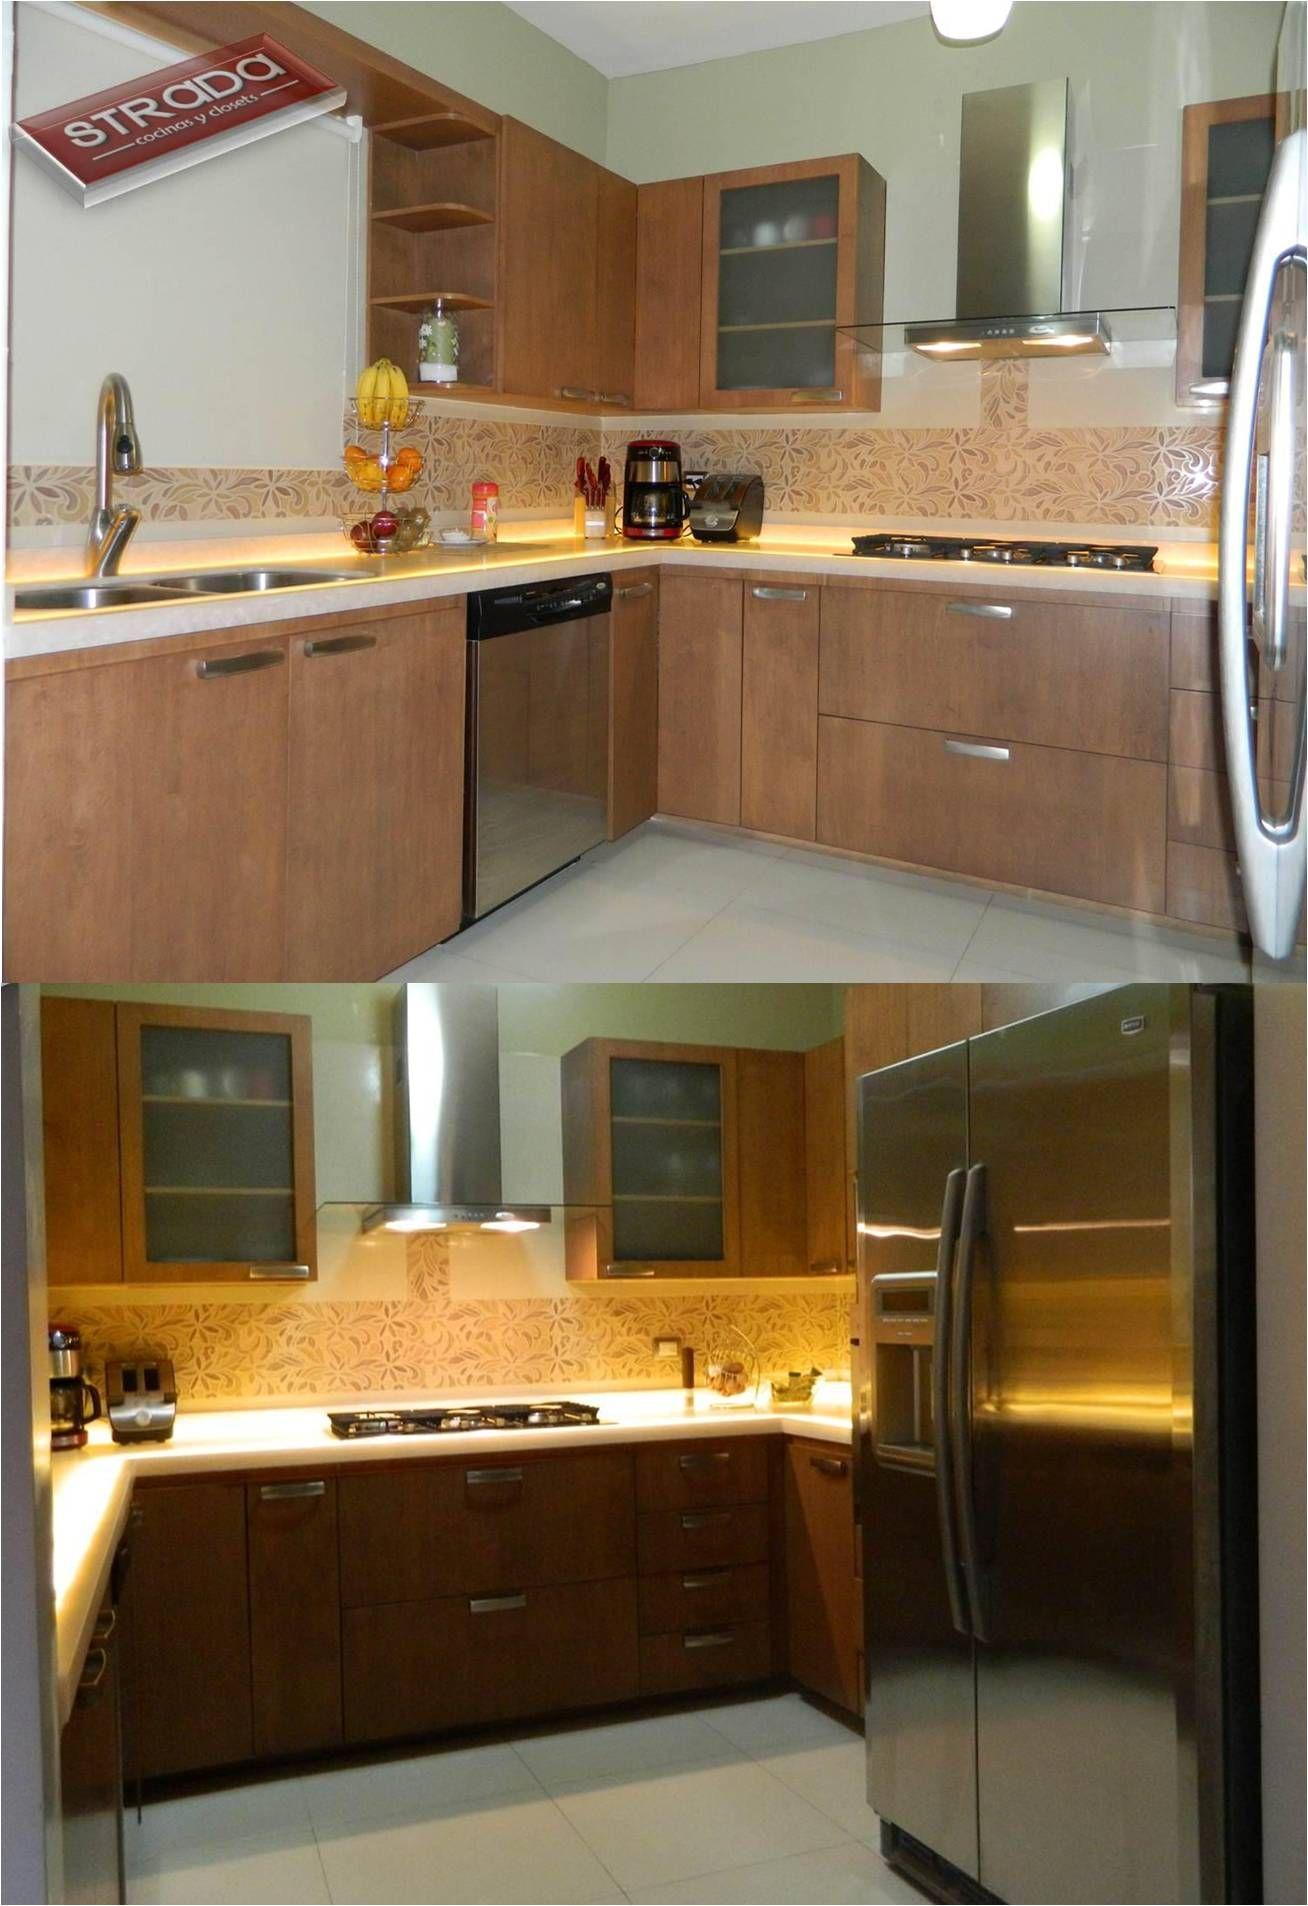 cocina hecha maple color capucciono con cubierta de superficie solida corian